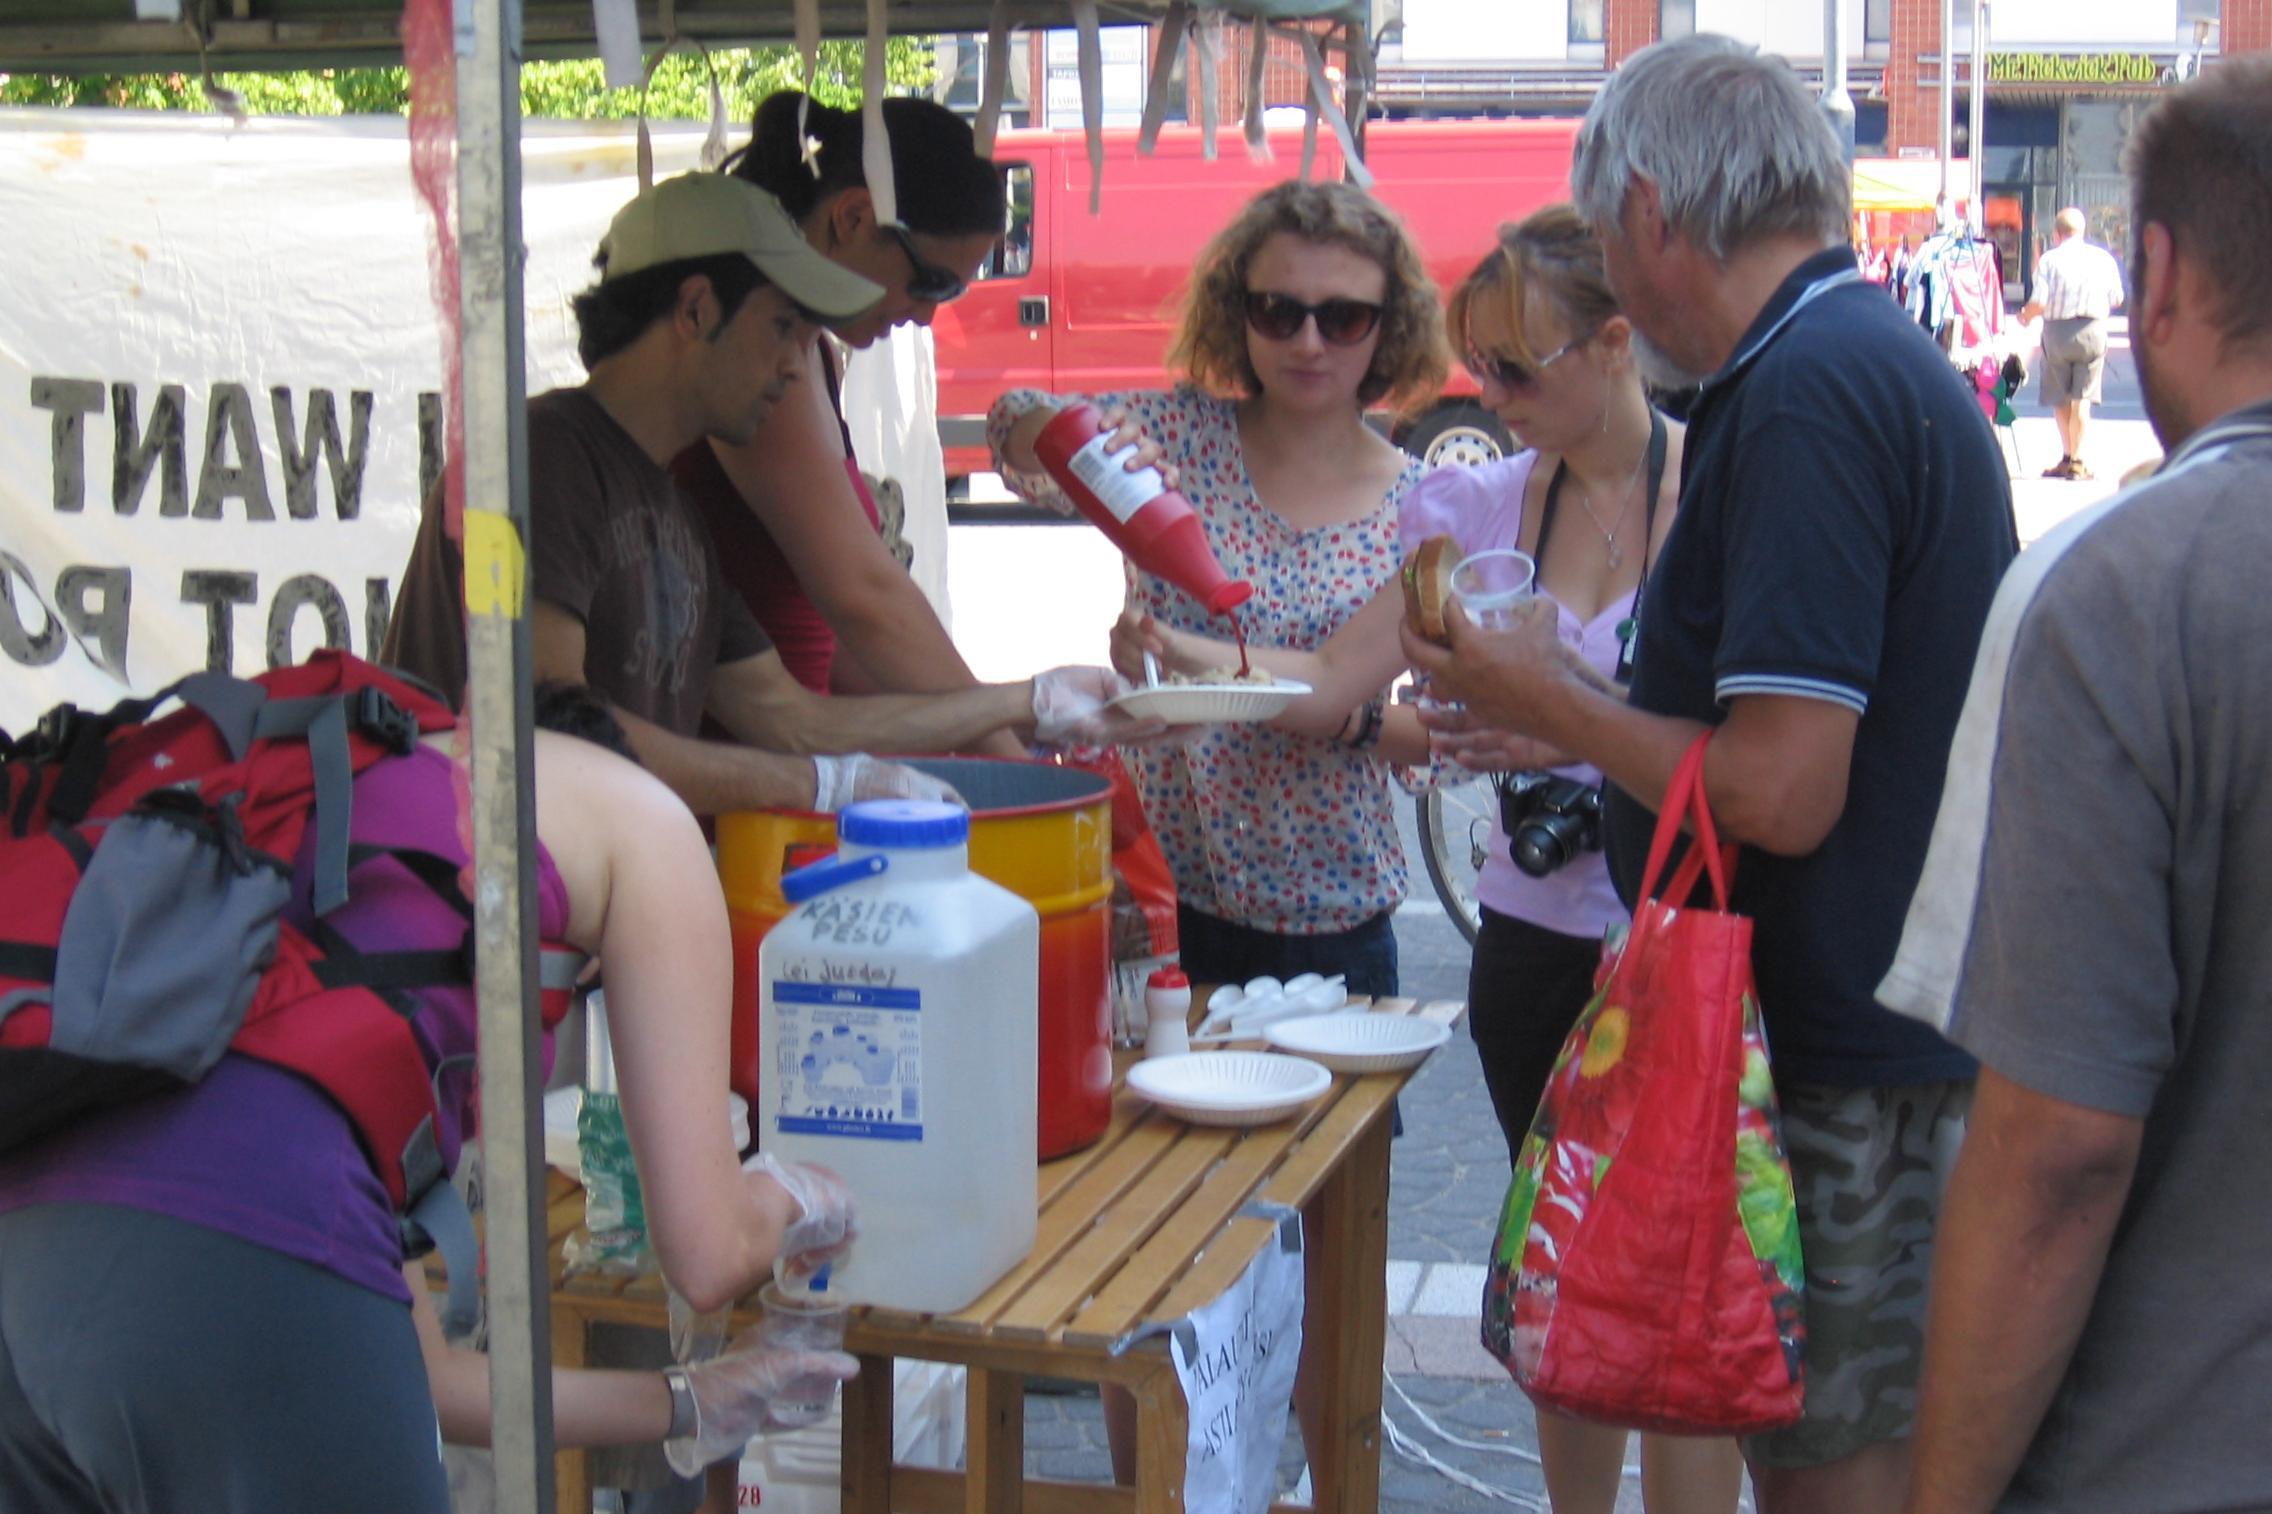 Ruokaa ei aseita -leiri jakamassa ruokaa 2011